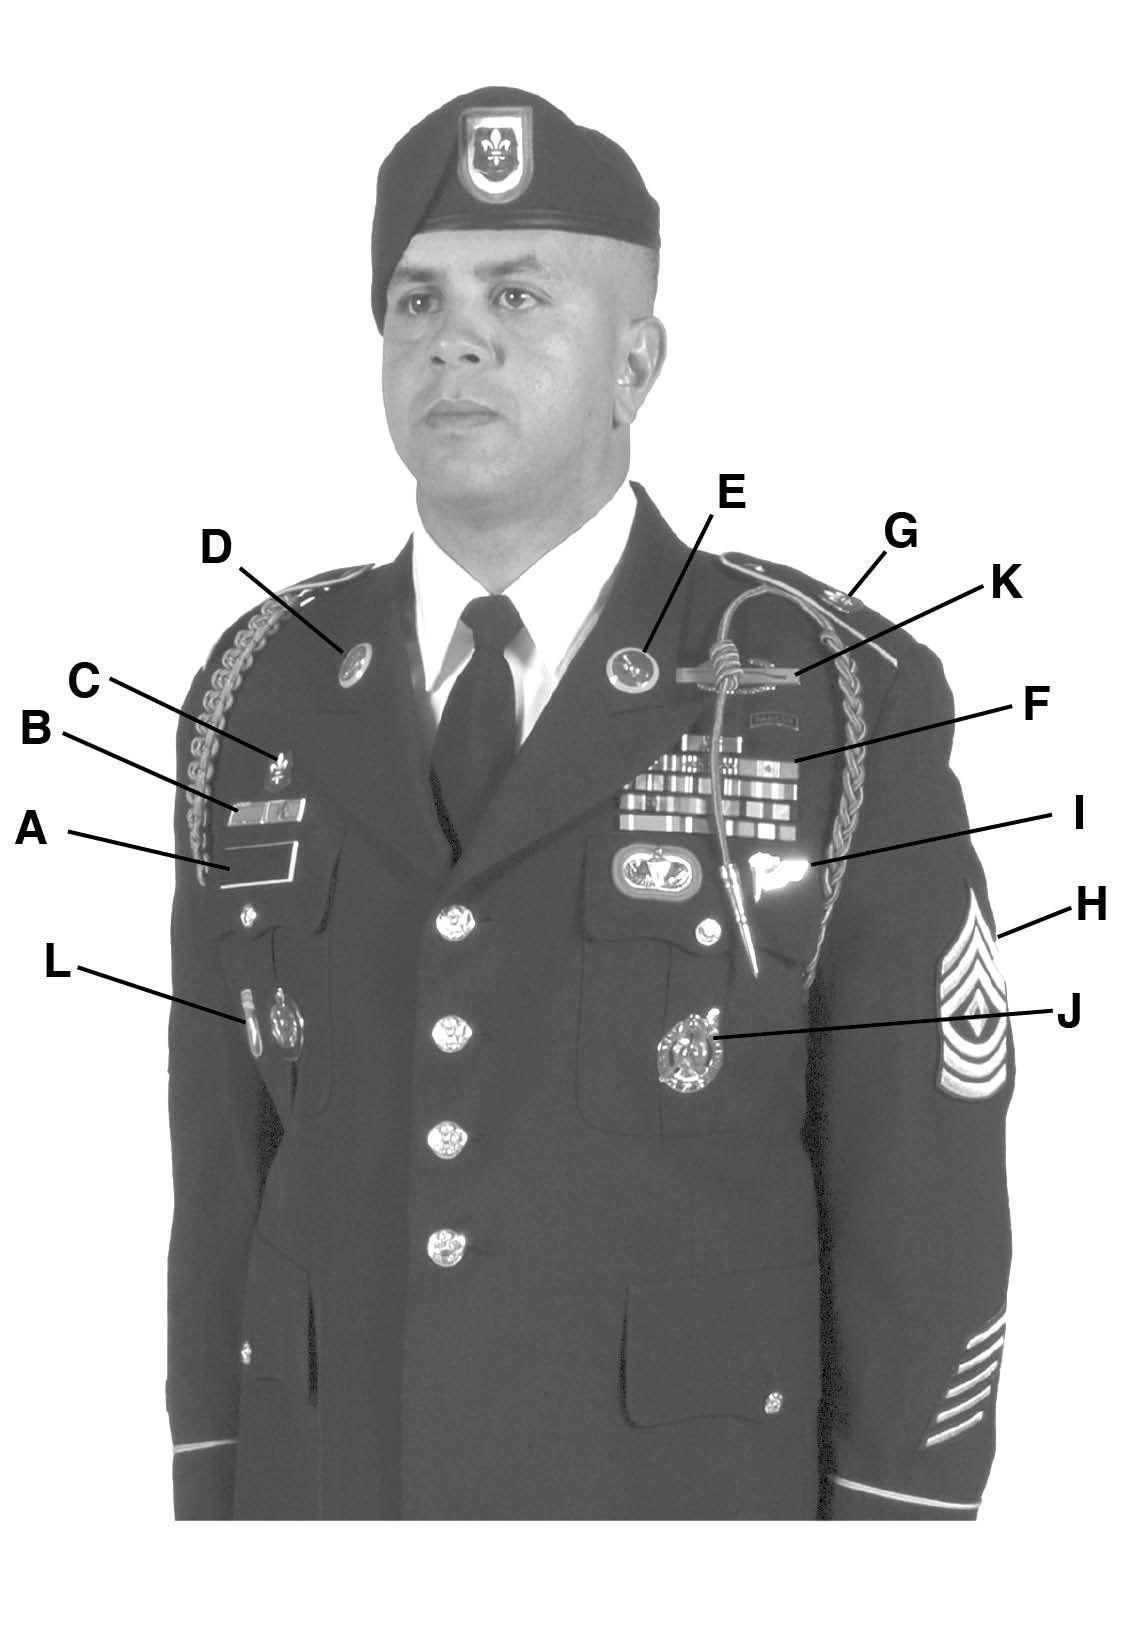 Commander reccomend Male class a uniform measurements